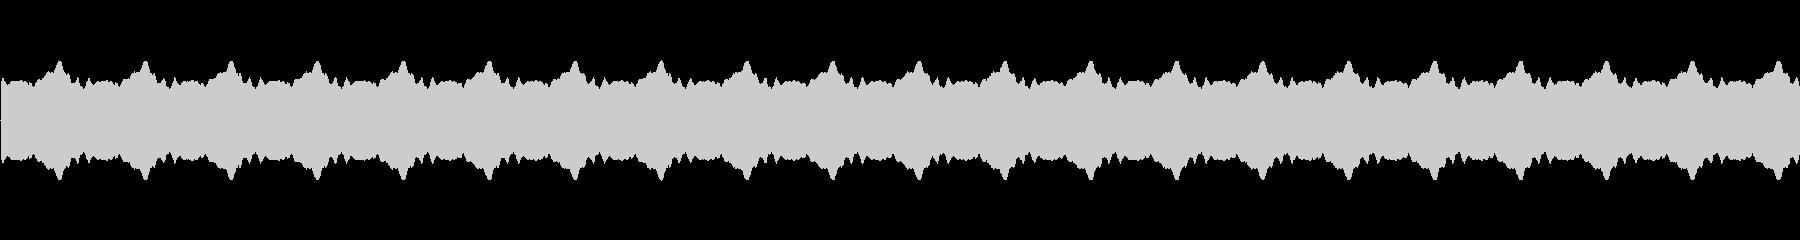 サイクリングパワーグリッドの未再生の波形